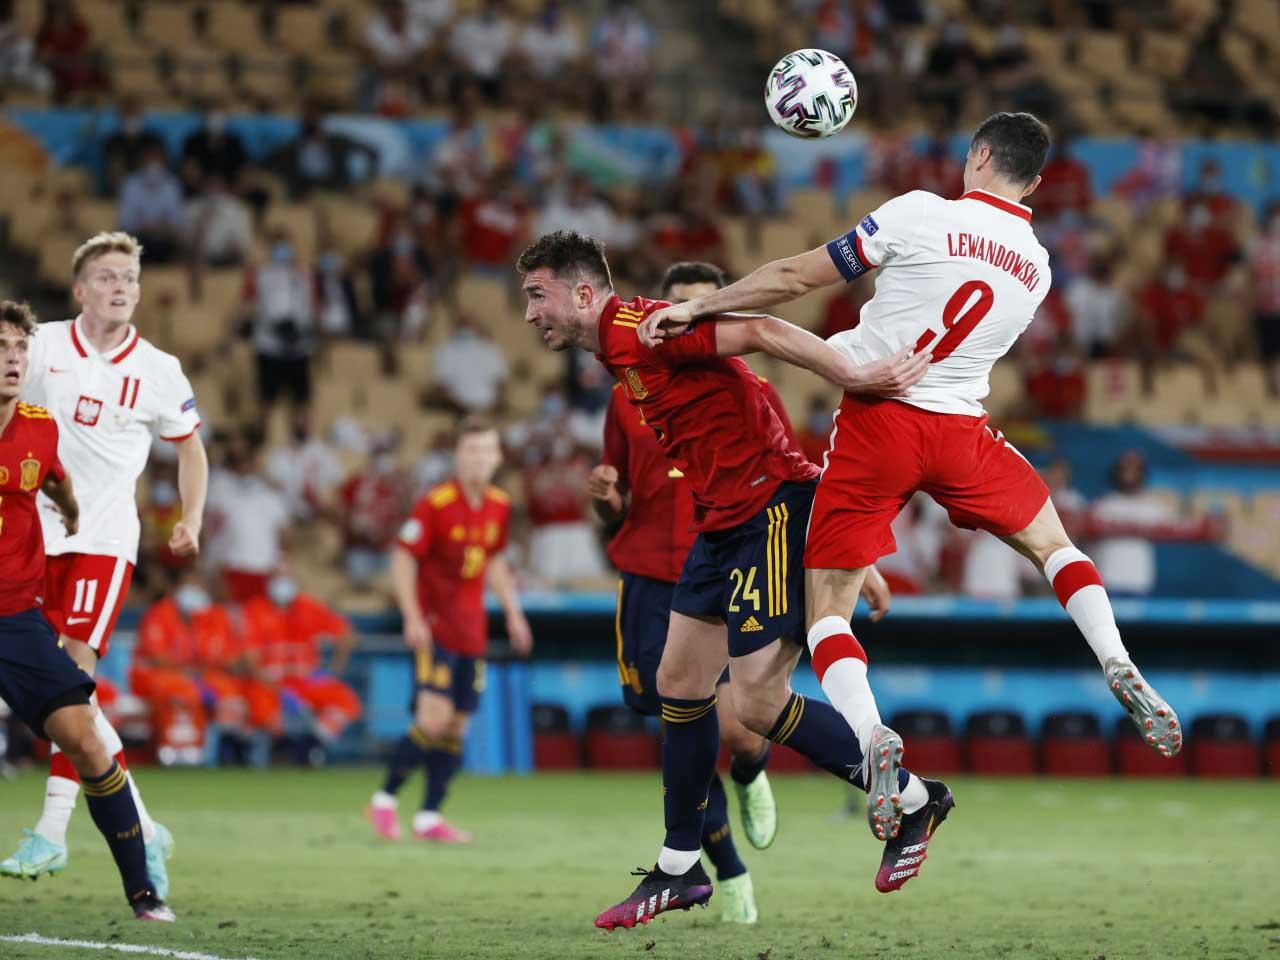 VTV3 TRỰC TIẾP bóng đá Tây Ban Nha vs Ba Lan. Trực tiếp EURO 2021 hôm nay